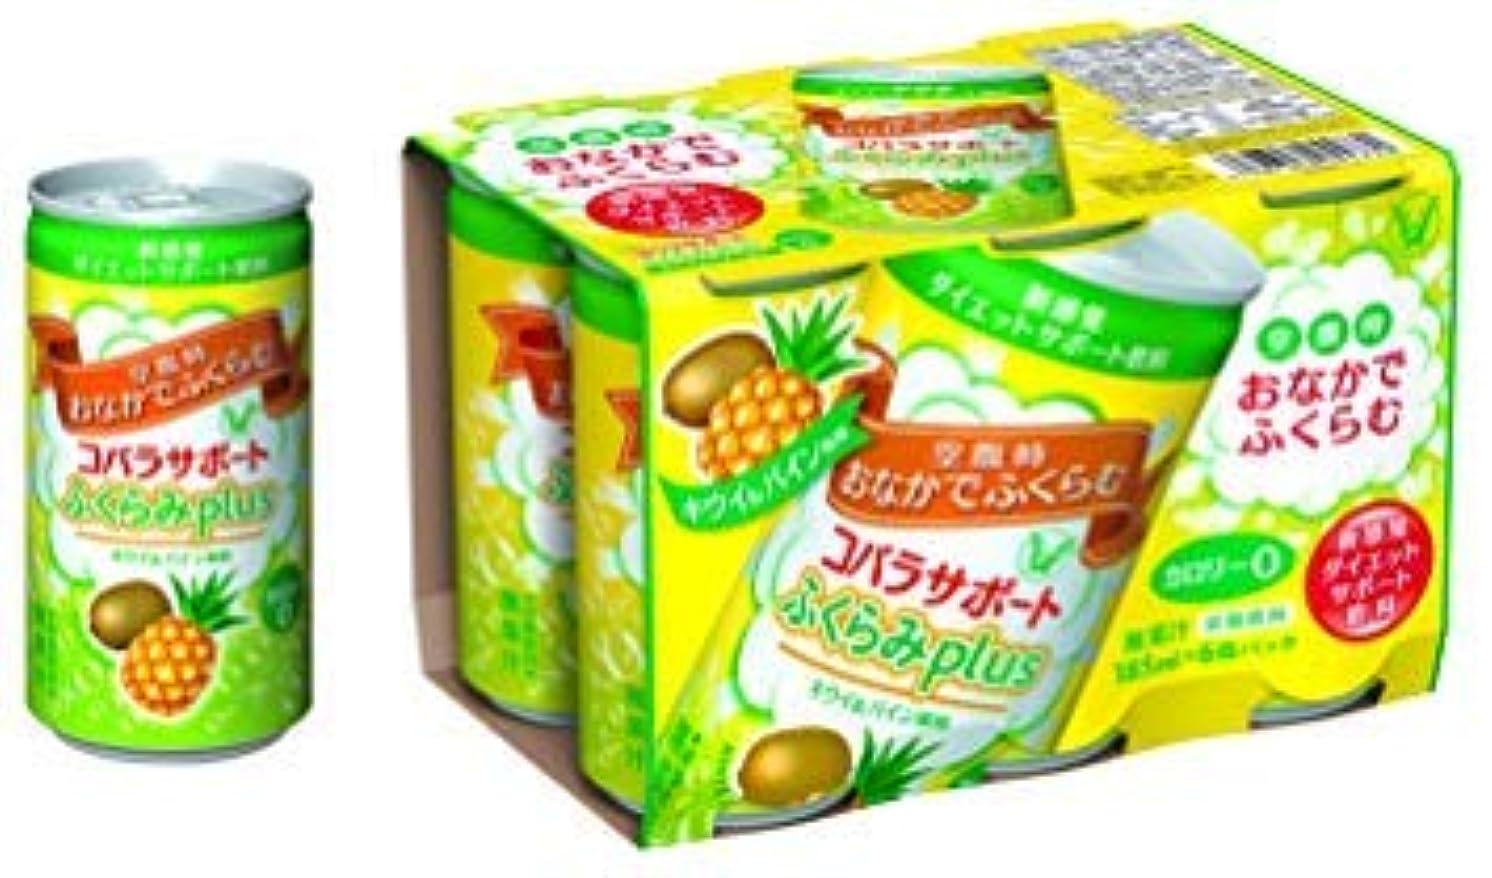 ホステル方法論命題コバラサポート ふくらみplus キウイ&パイン風味 185mL×6缶